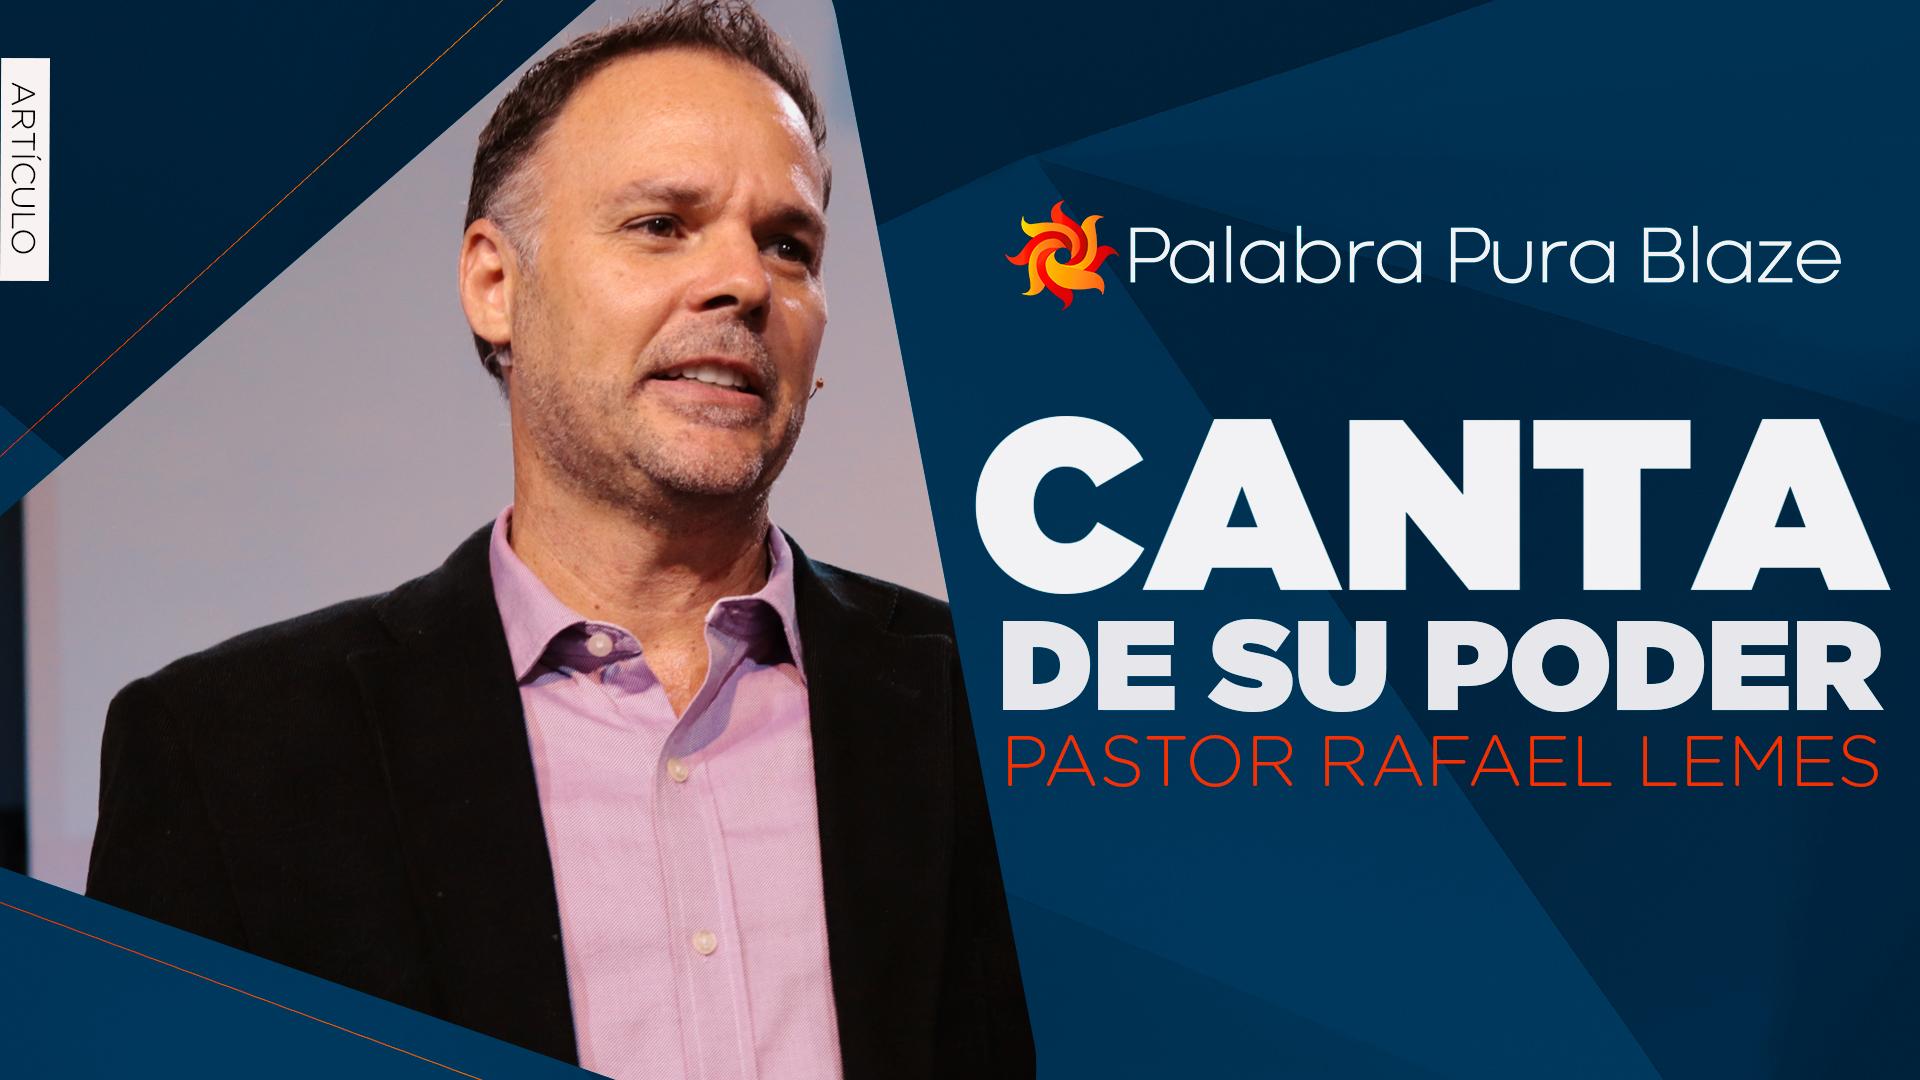 CANTA DE SU PODER